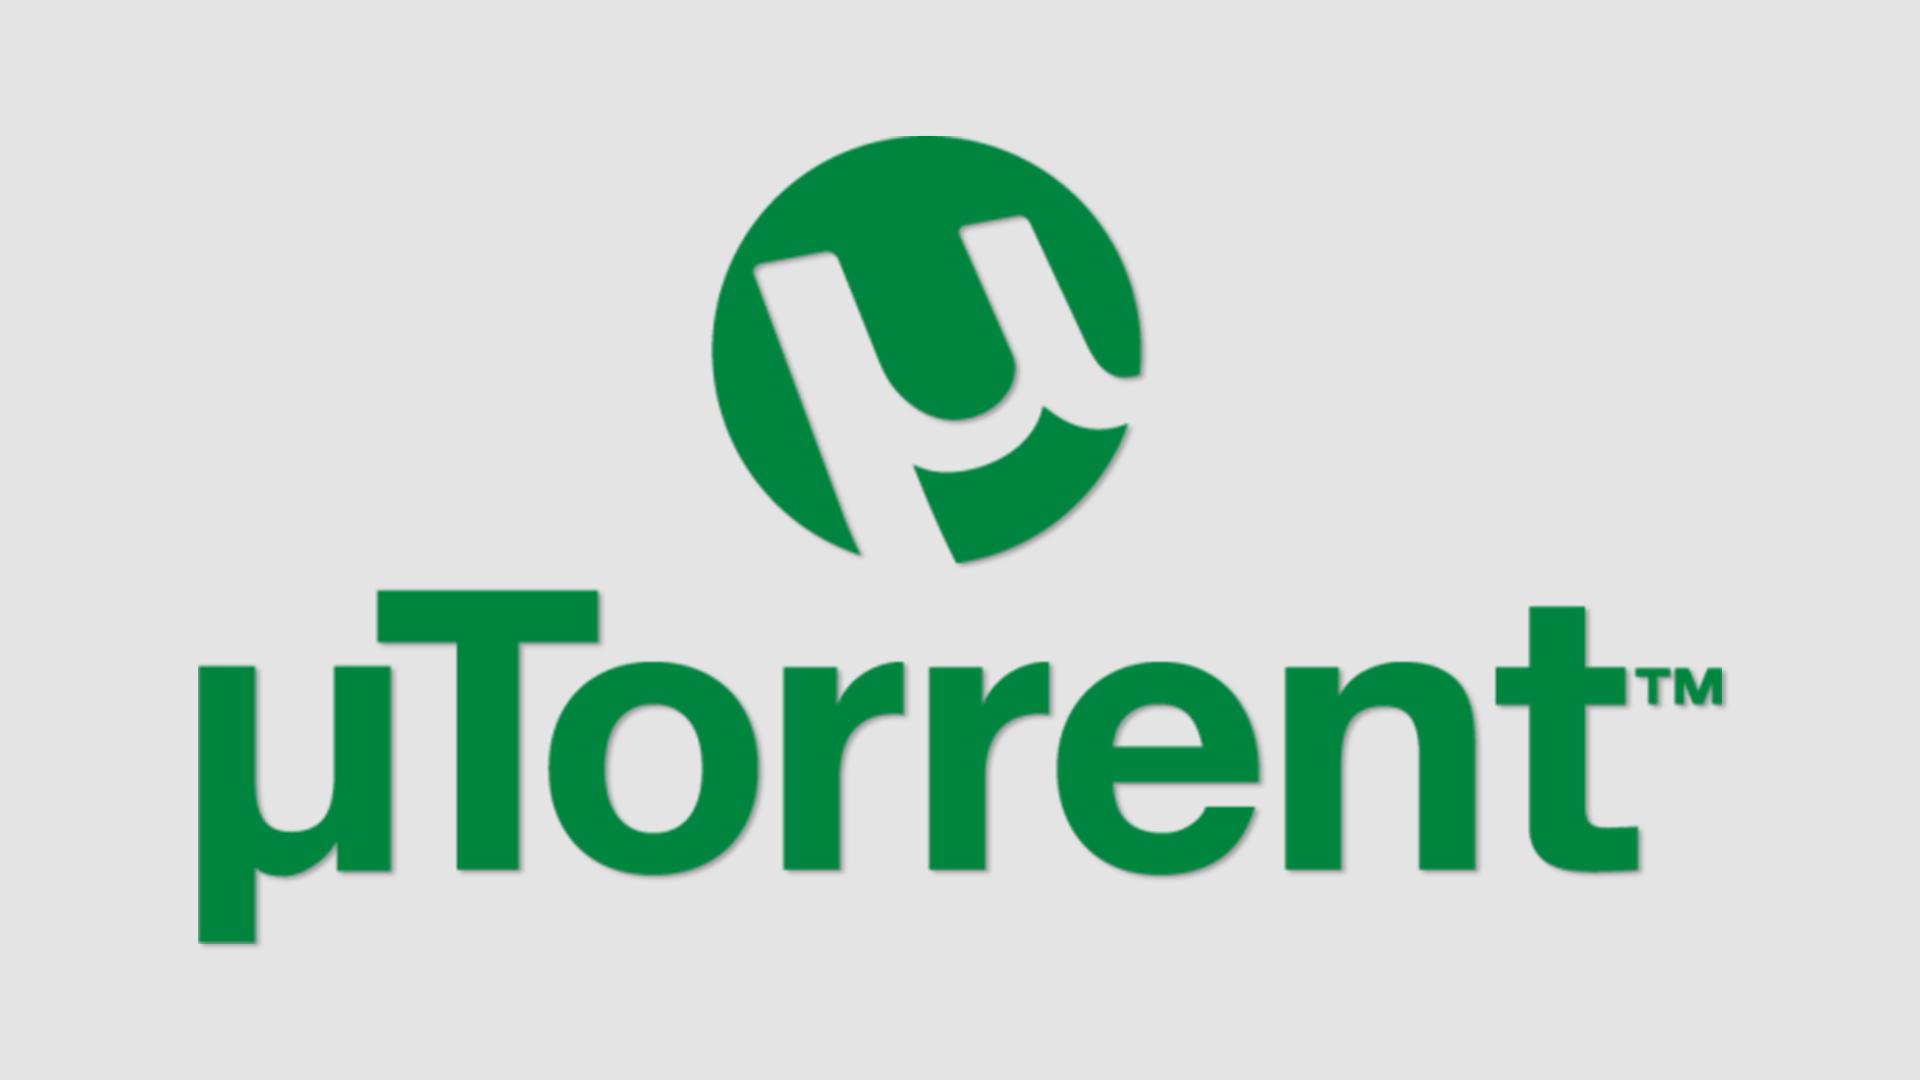 Acusações indicam que uTorrent pode estar propagando malwares